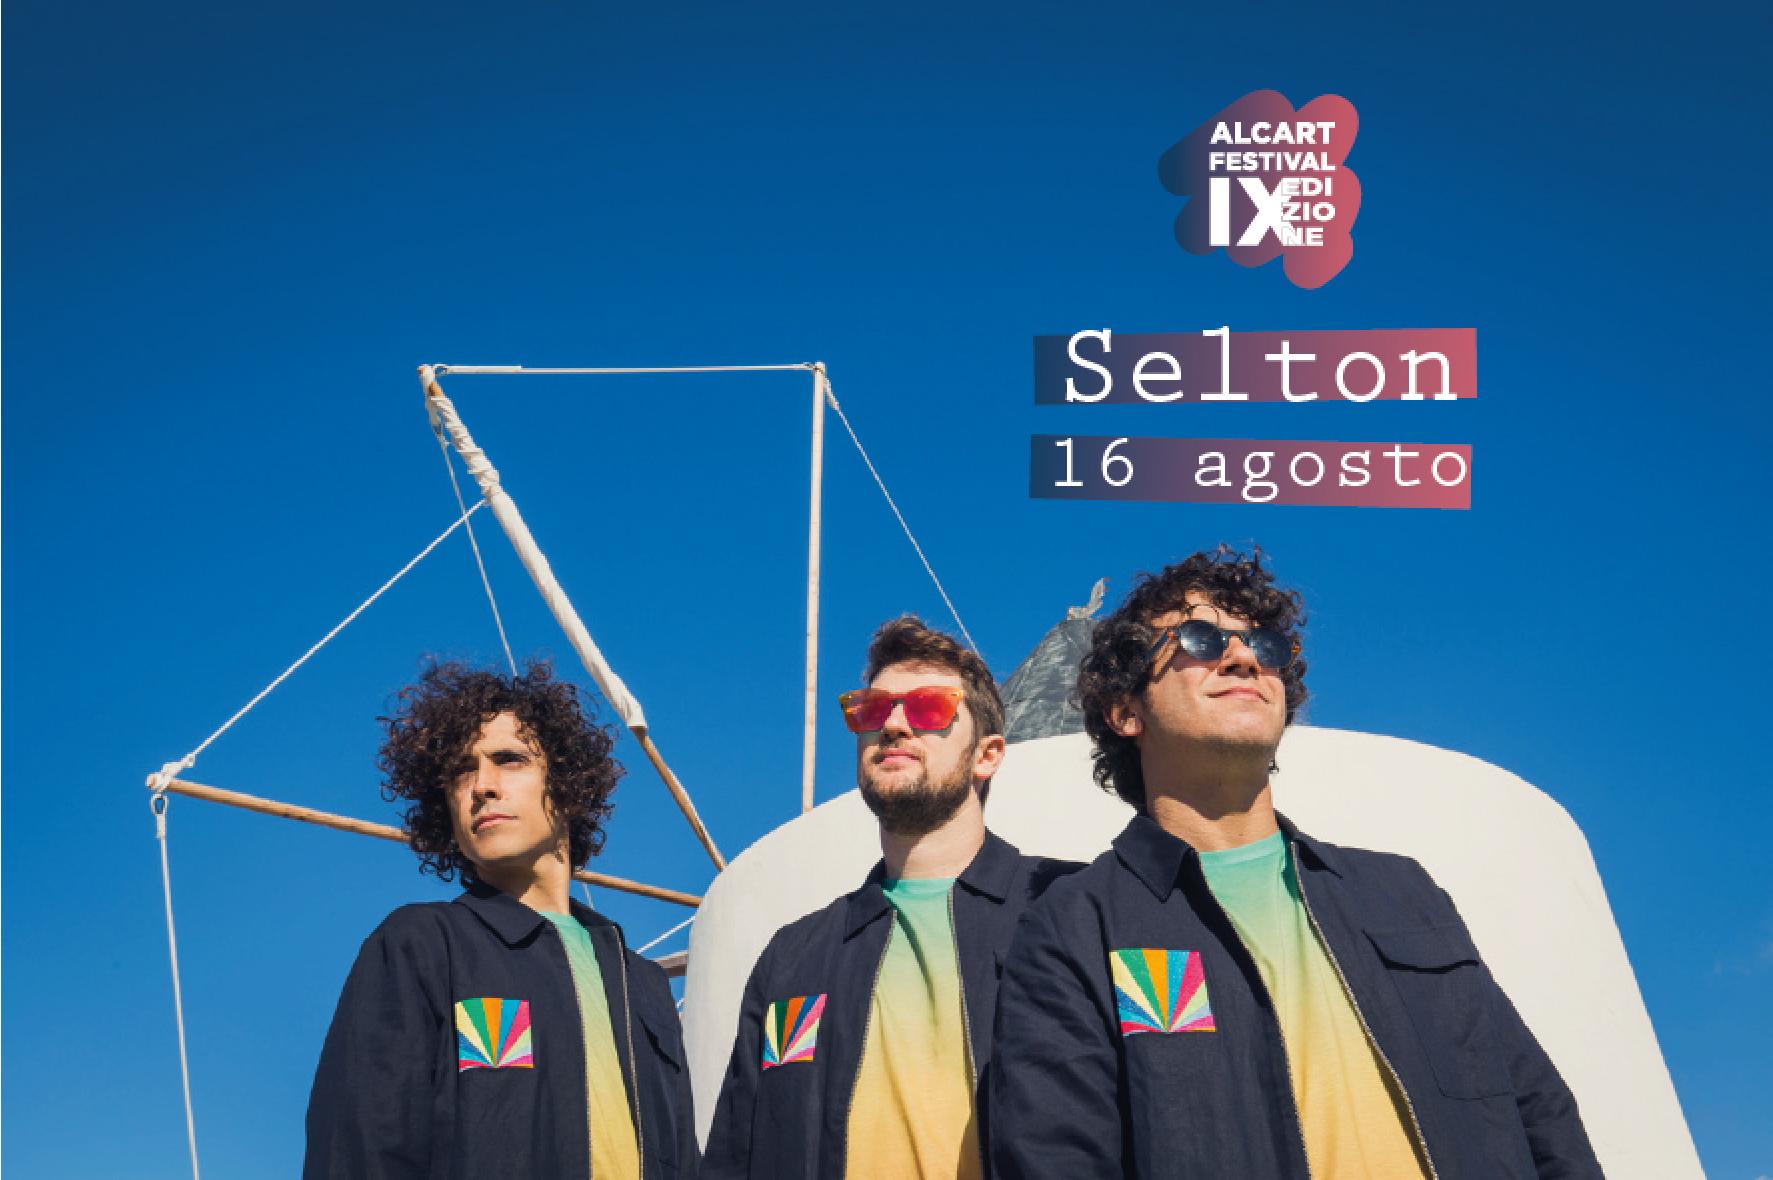 Alcart 2018: in concerto, fra gli altri, Selton, Meganoidi e Colombre